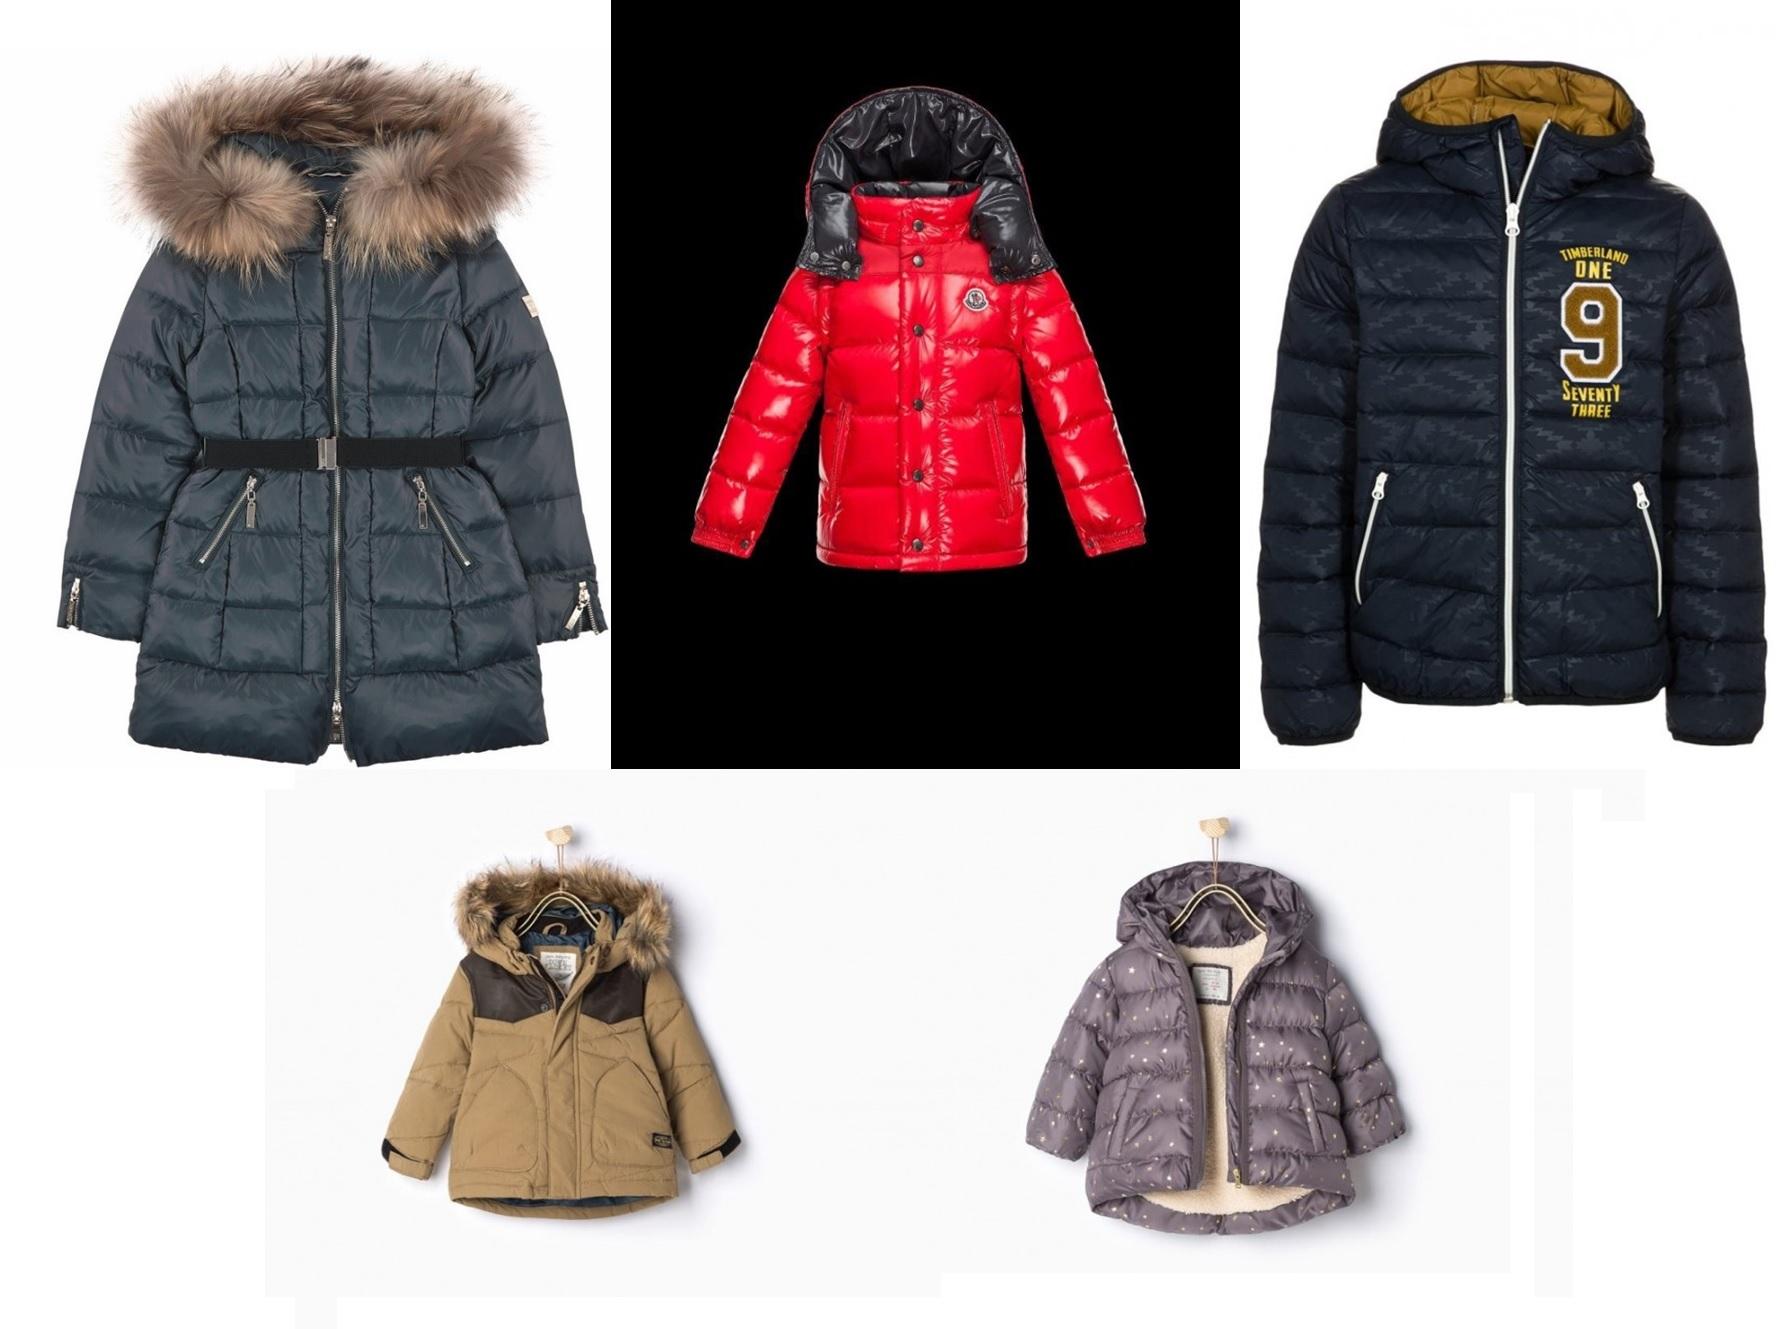 incontrare 5c3d8 1c6be Piumini per bambini: i modelli più fashion dell'inverno 2016